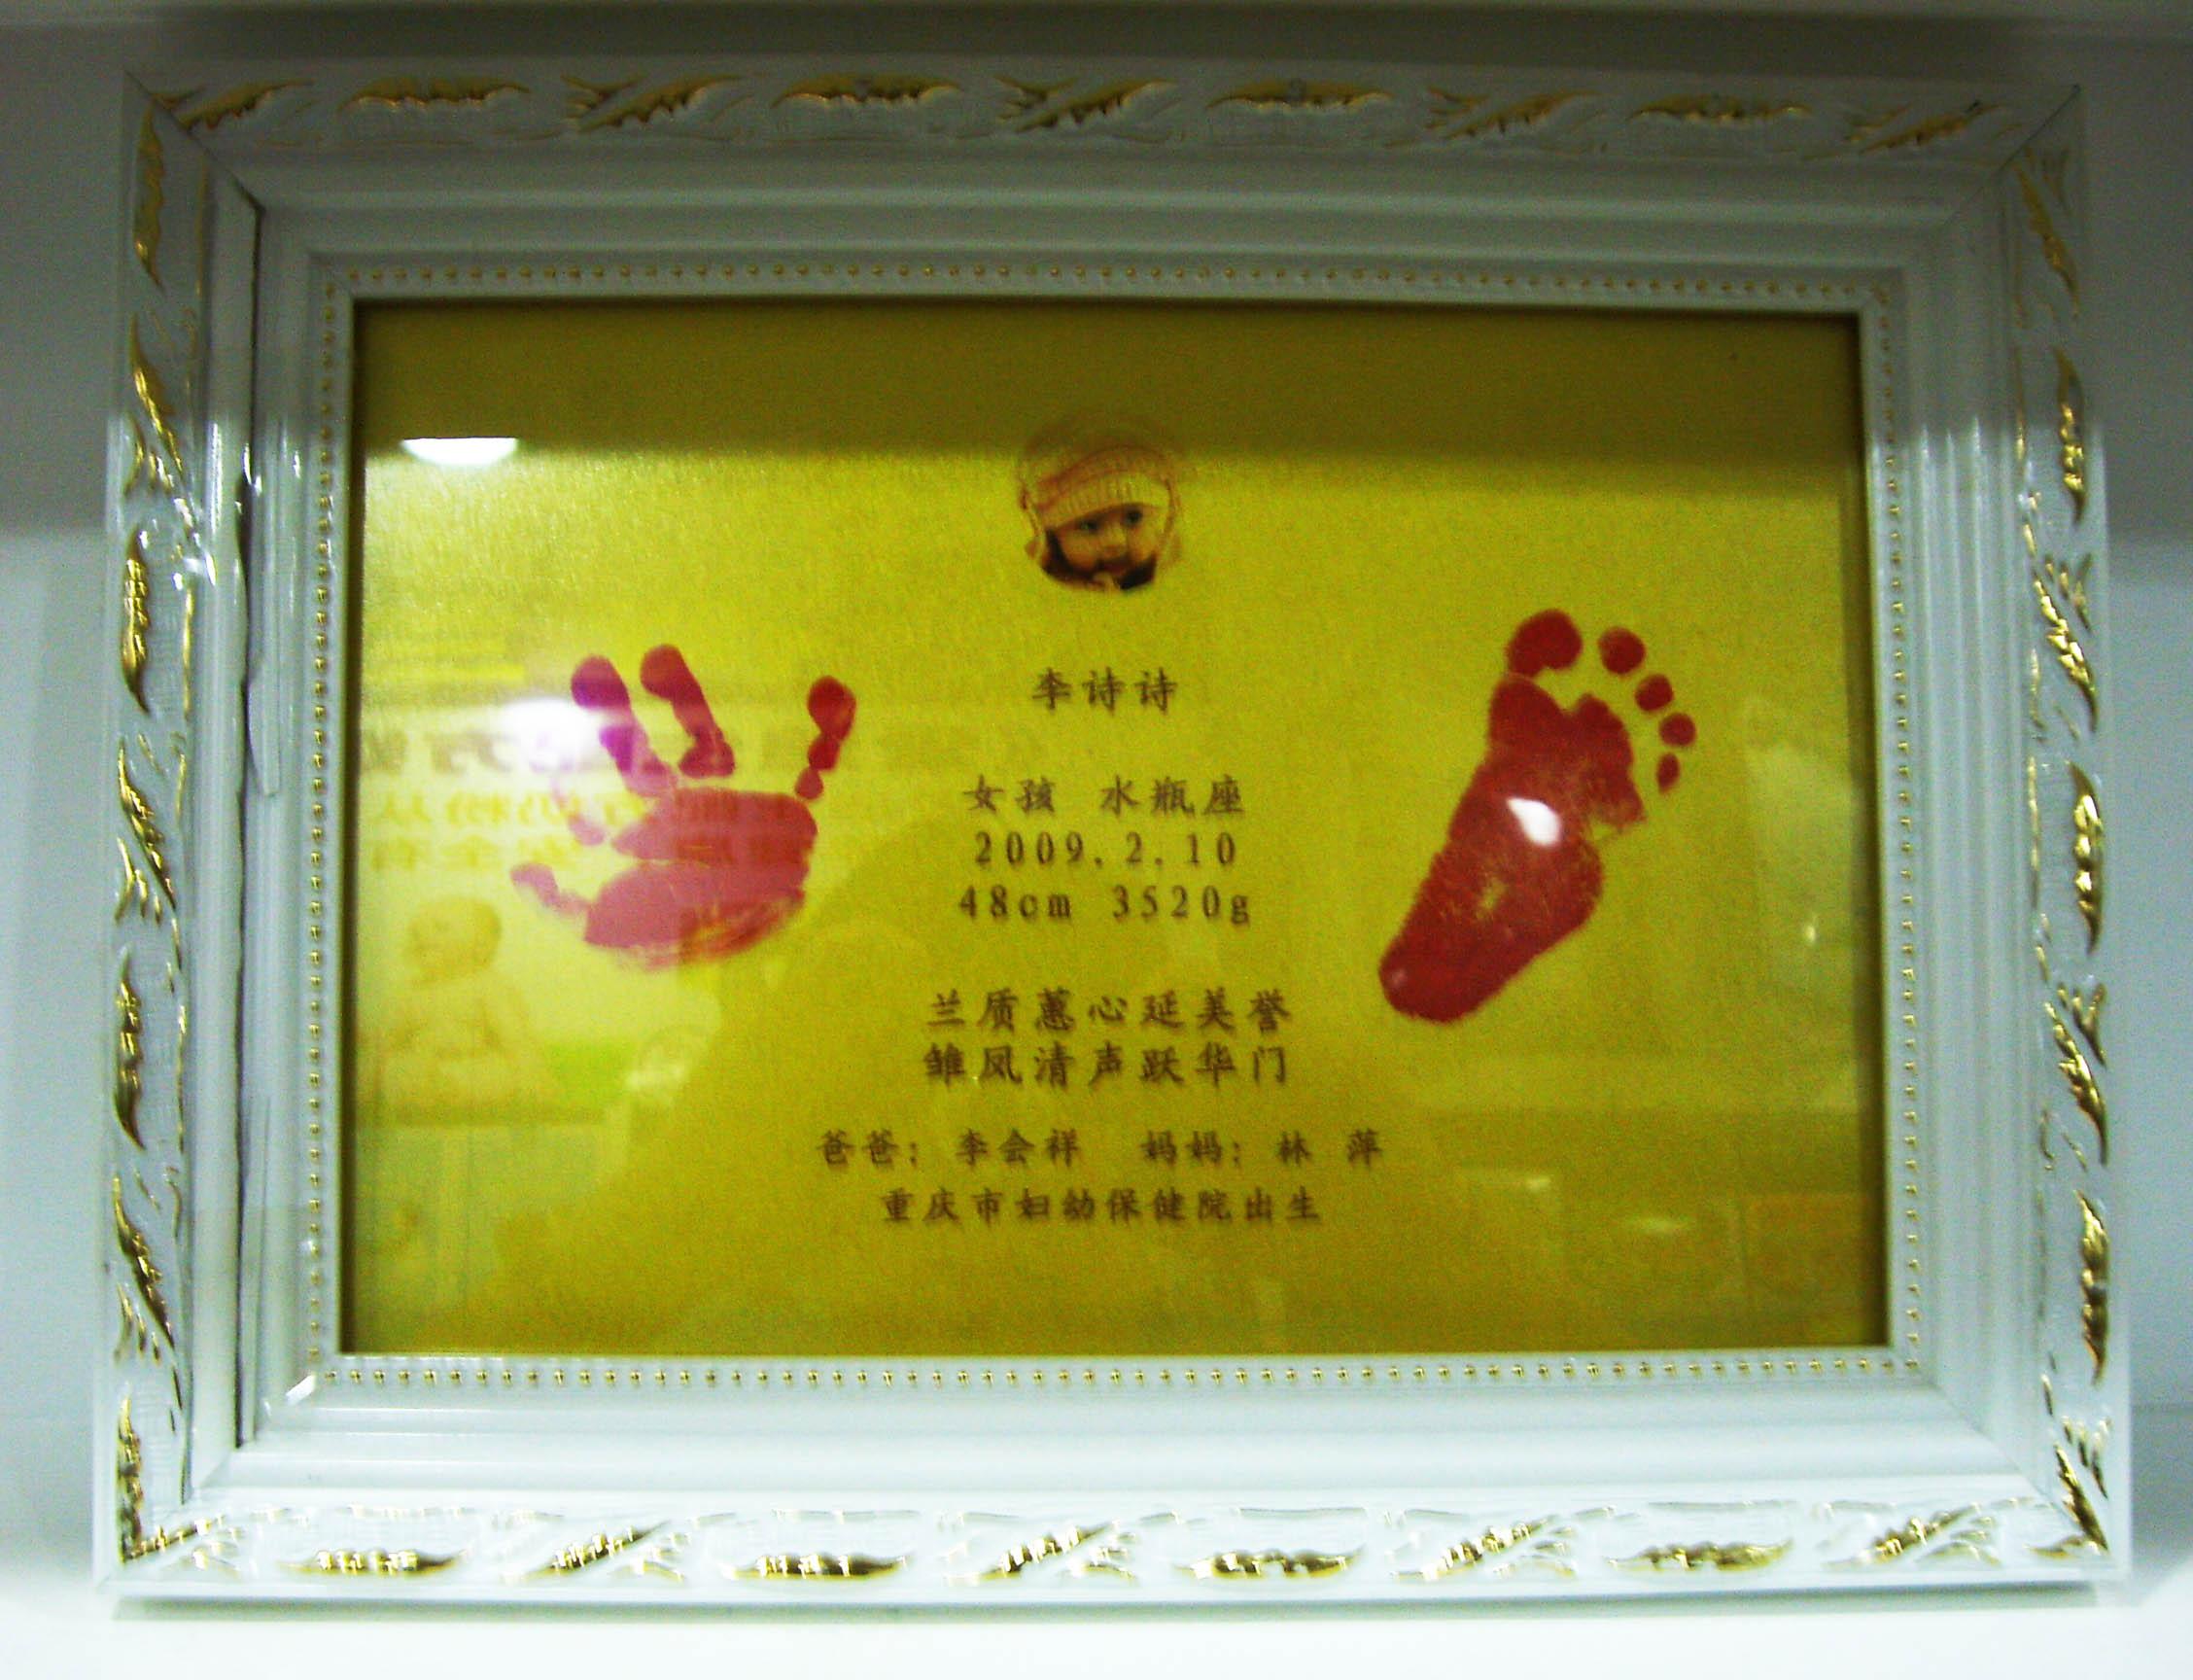 宝宝脚掌图片_世界最轻婴儿体重仅04斤脚掌如同成年人拇指